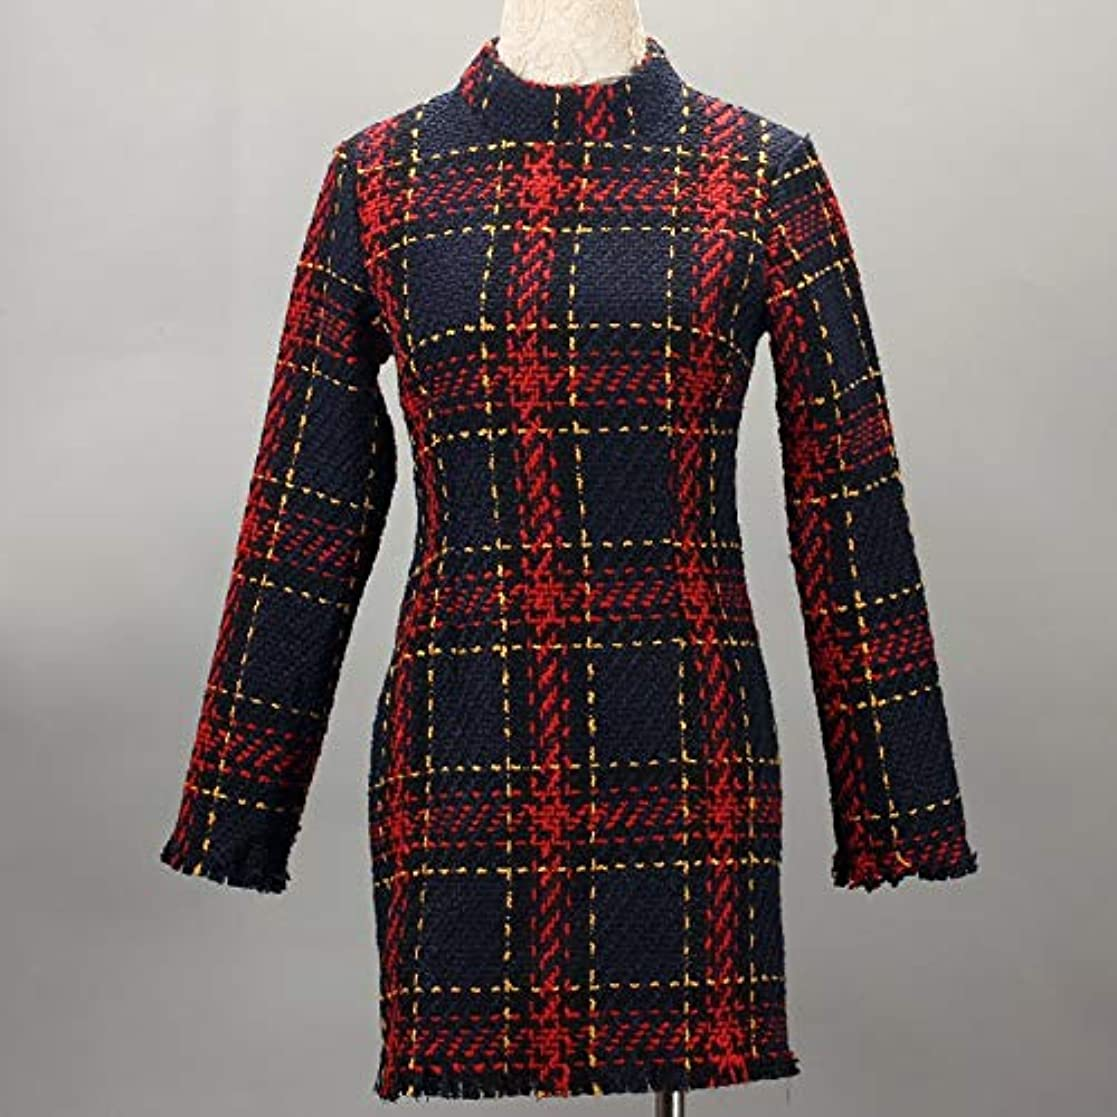 拡張期待する成分Onderroa - ファッション冬のドレスの女性は、ストライプ長袖スリムスキニーセクシーなミニボディコンヴィンテージvestidosドレスの女性を印刷PLAID